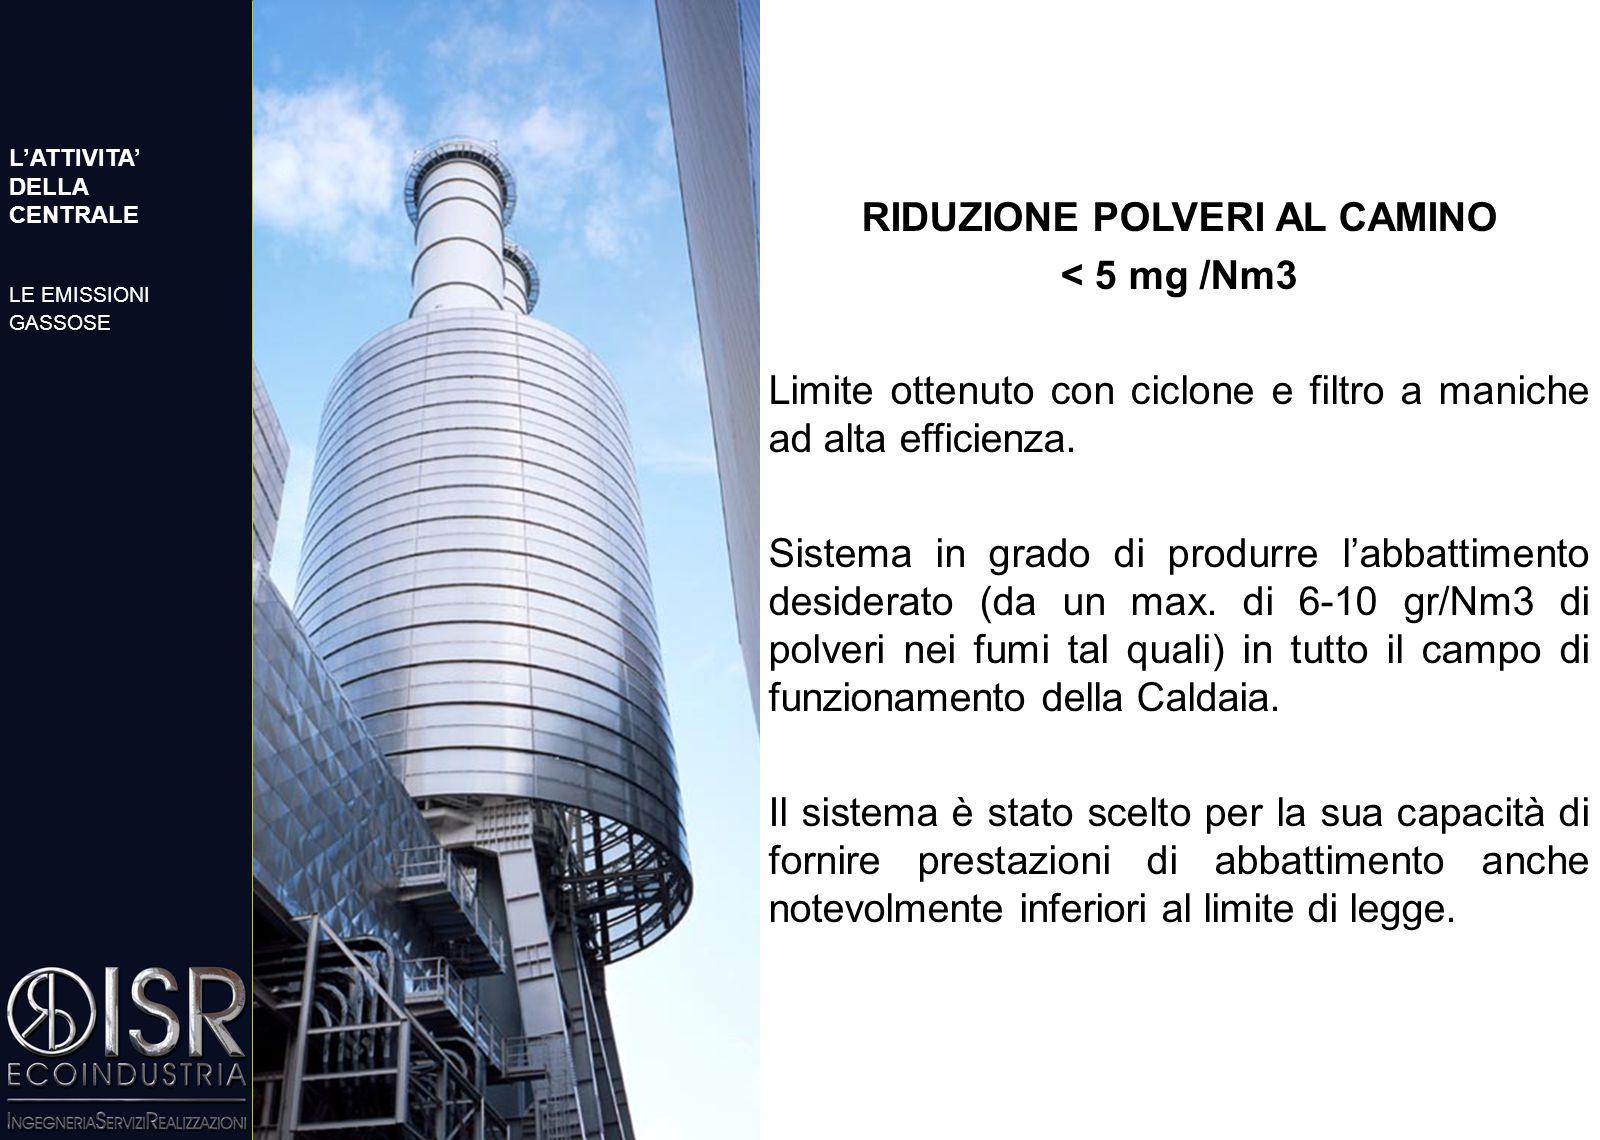 RIDUZIONE DEGLI NOx IN CALDAIA SNCR (< 200 mg/Nm3) NOx trasformati in Azoto e Acqua attraverso l'iniezione di prodotti chimici (soluzione di Urea e ad